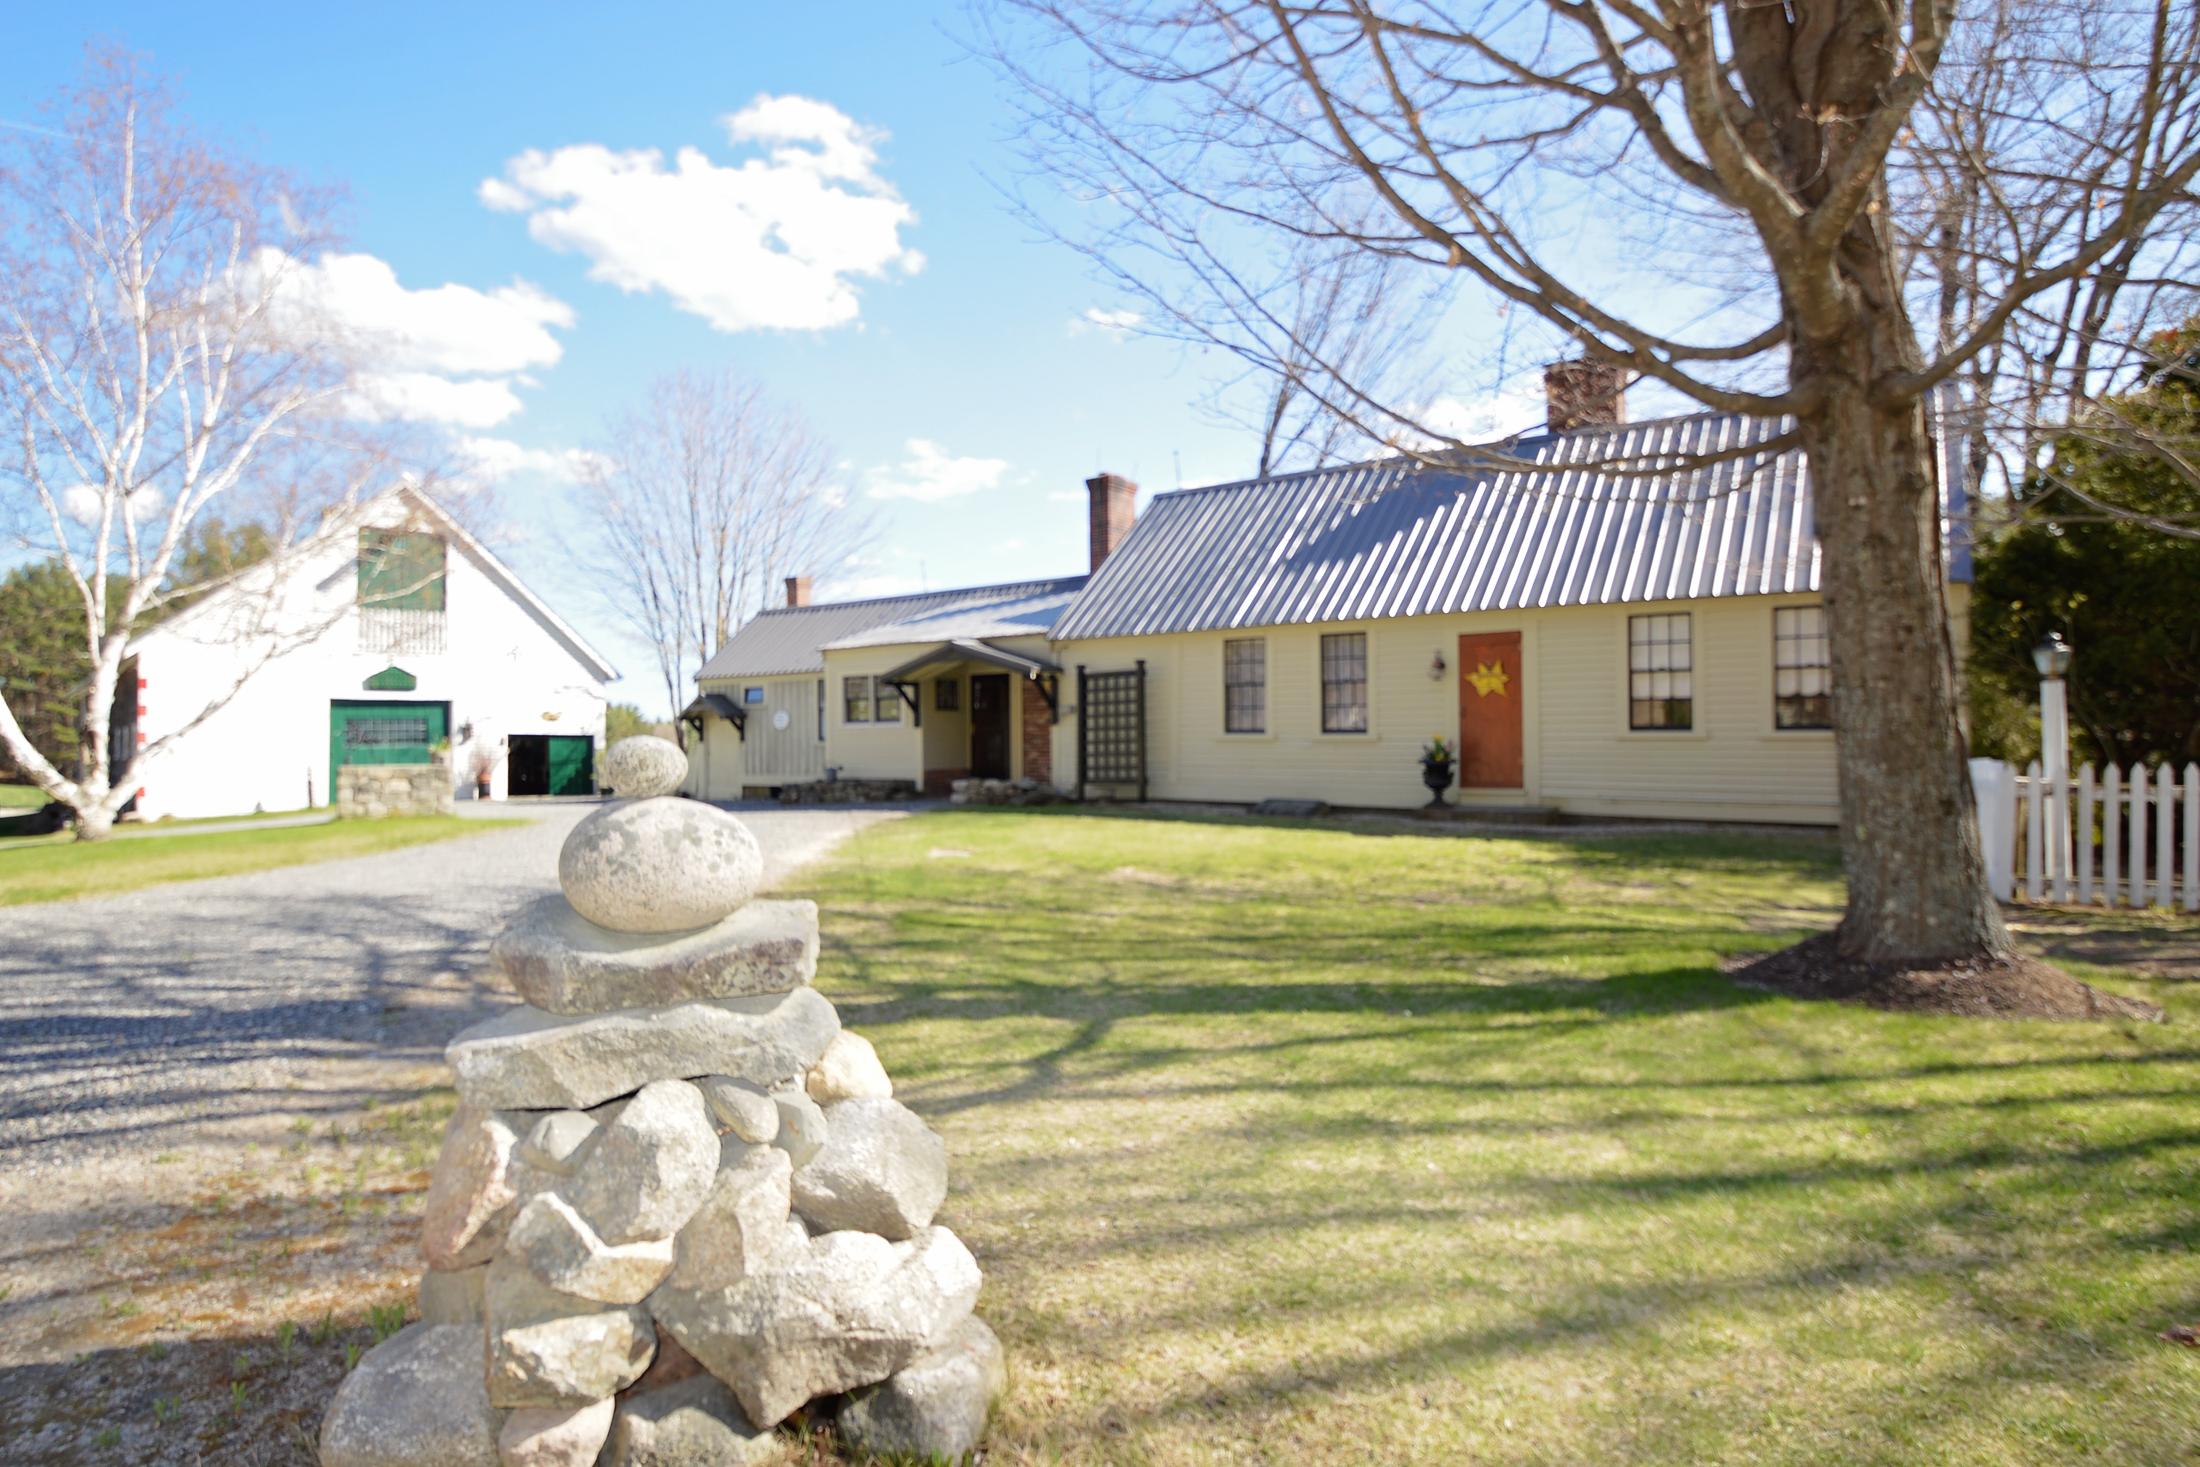 Частный односемейный дом для того Продажа на Gentlemans Farm 203 Lyford Rd Brookfield, Нью-Гэмпшир, 03782 Соединенные Штаты